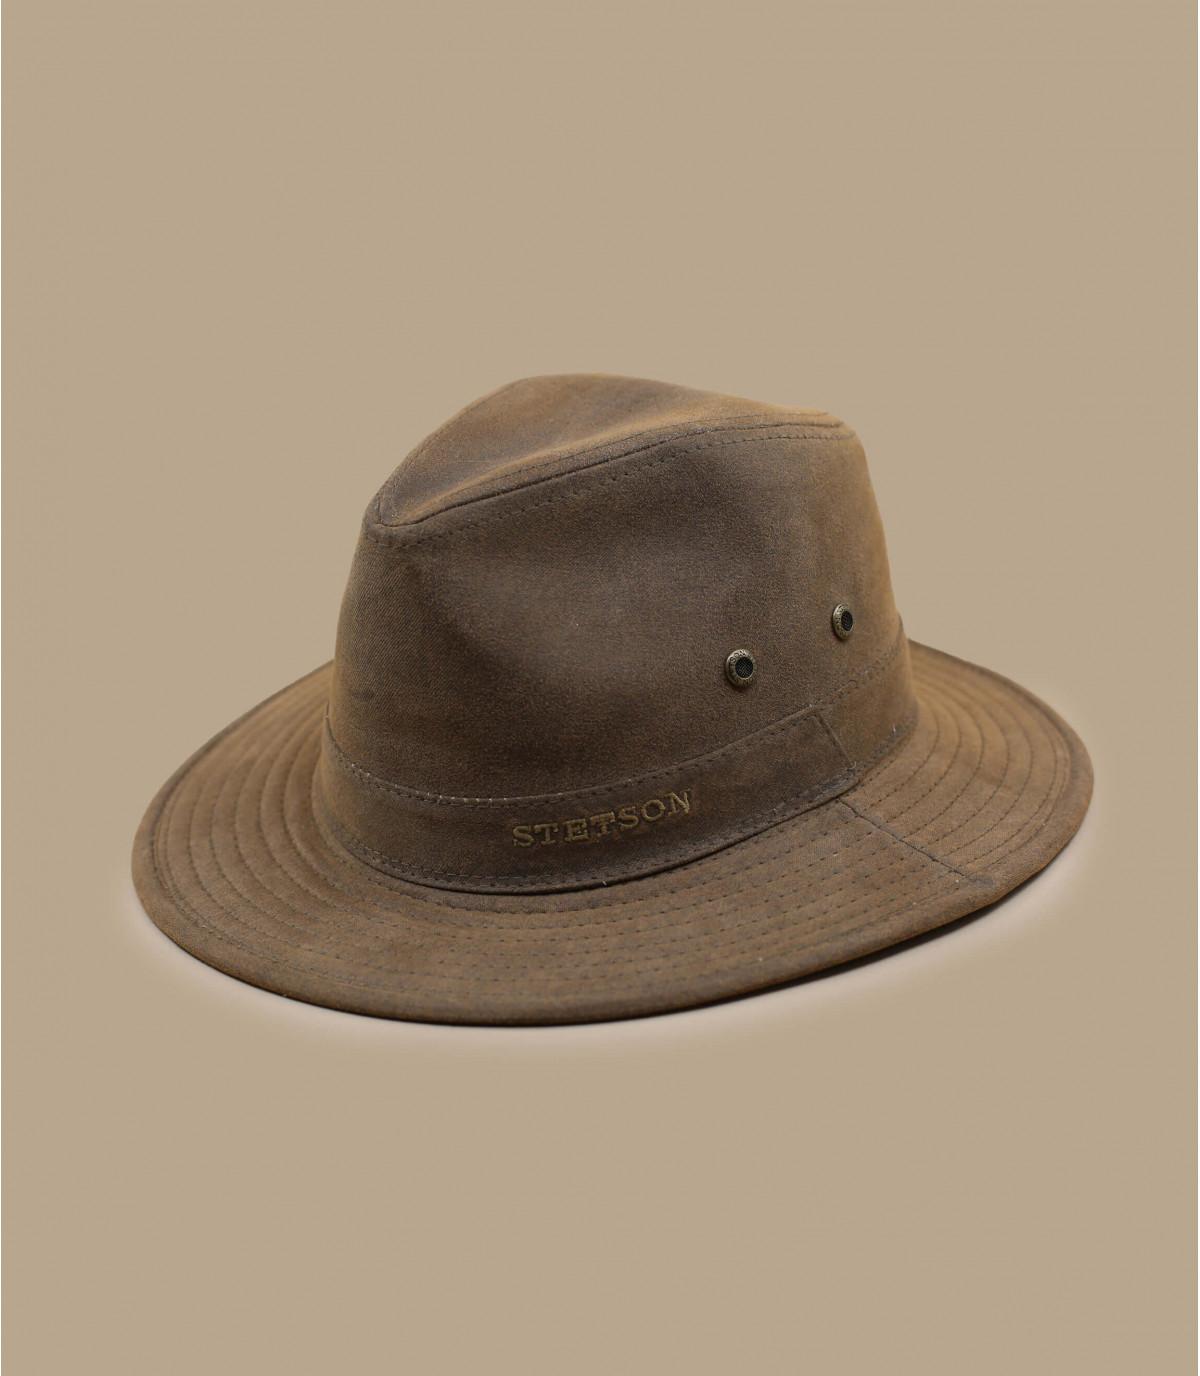 brown cotton hat